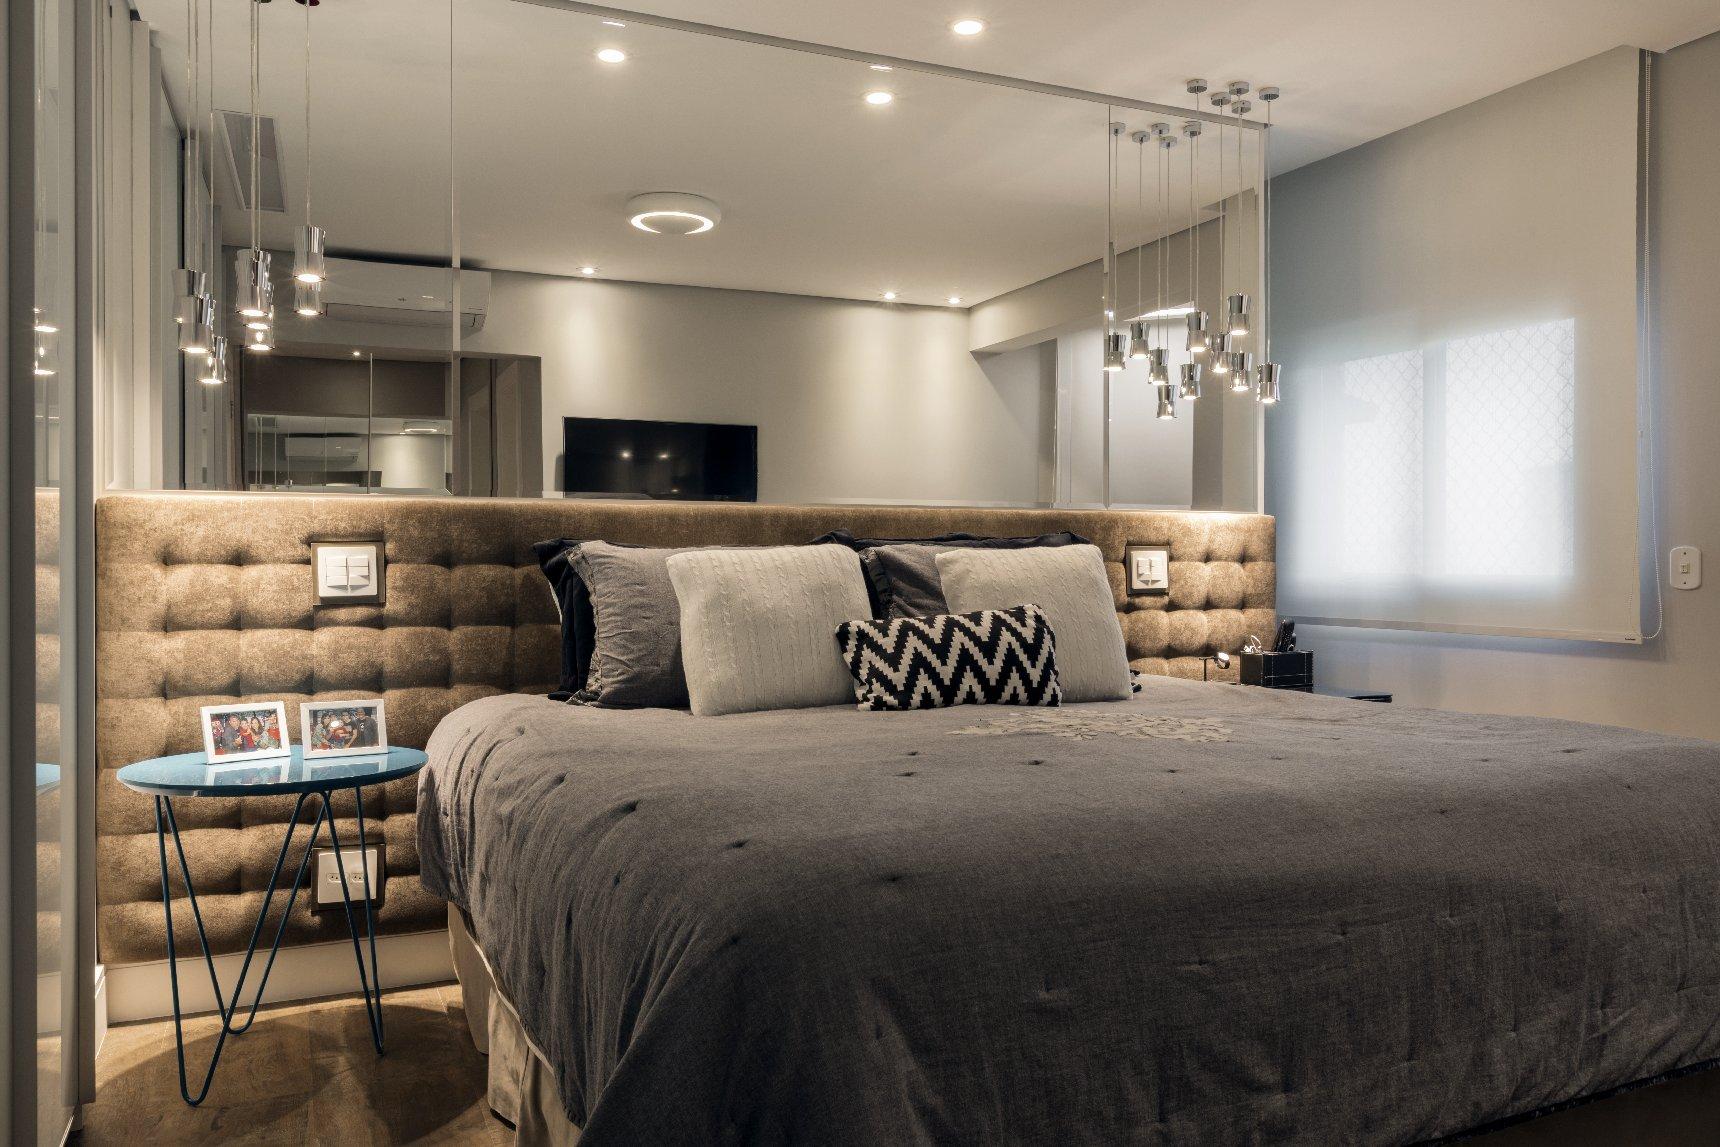 Quarto Casal Apartamento Urbano Decoradora Glaucya Taraskevicius  ~ Decoração Quarto Casal Apartamento